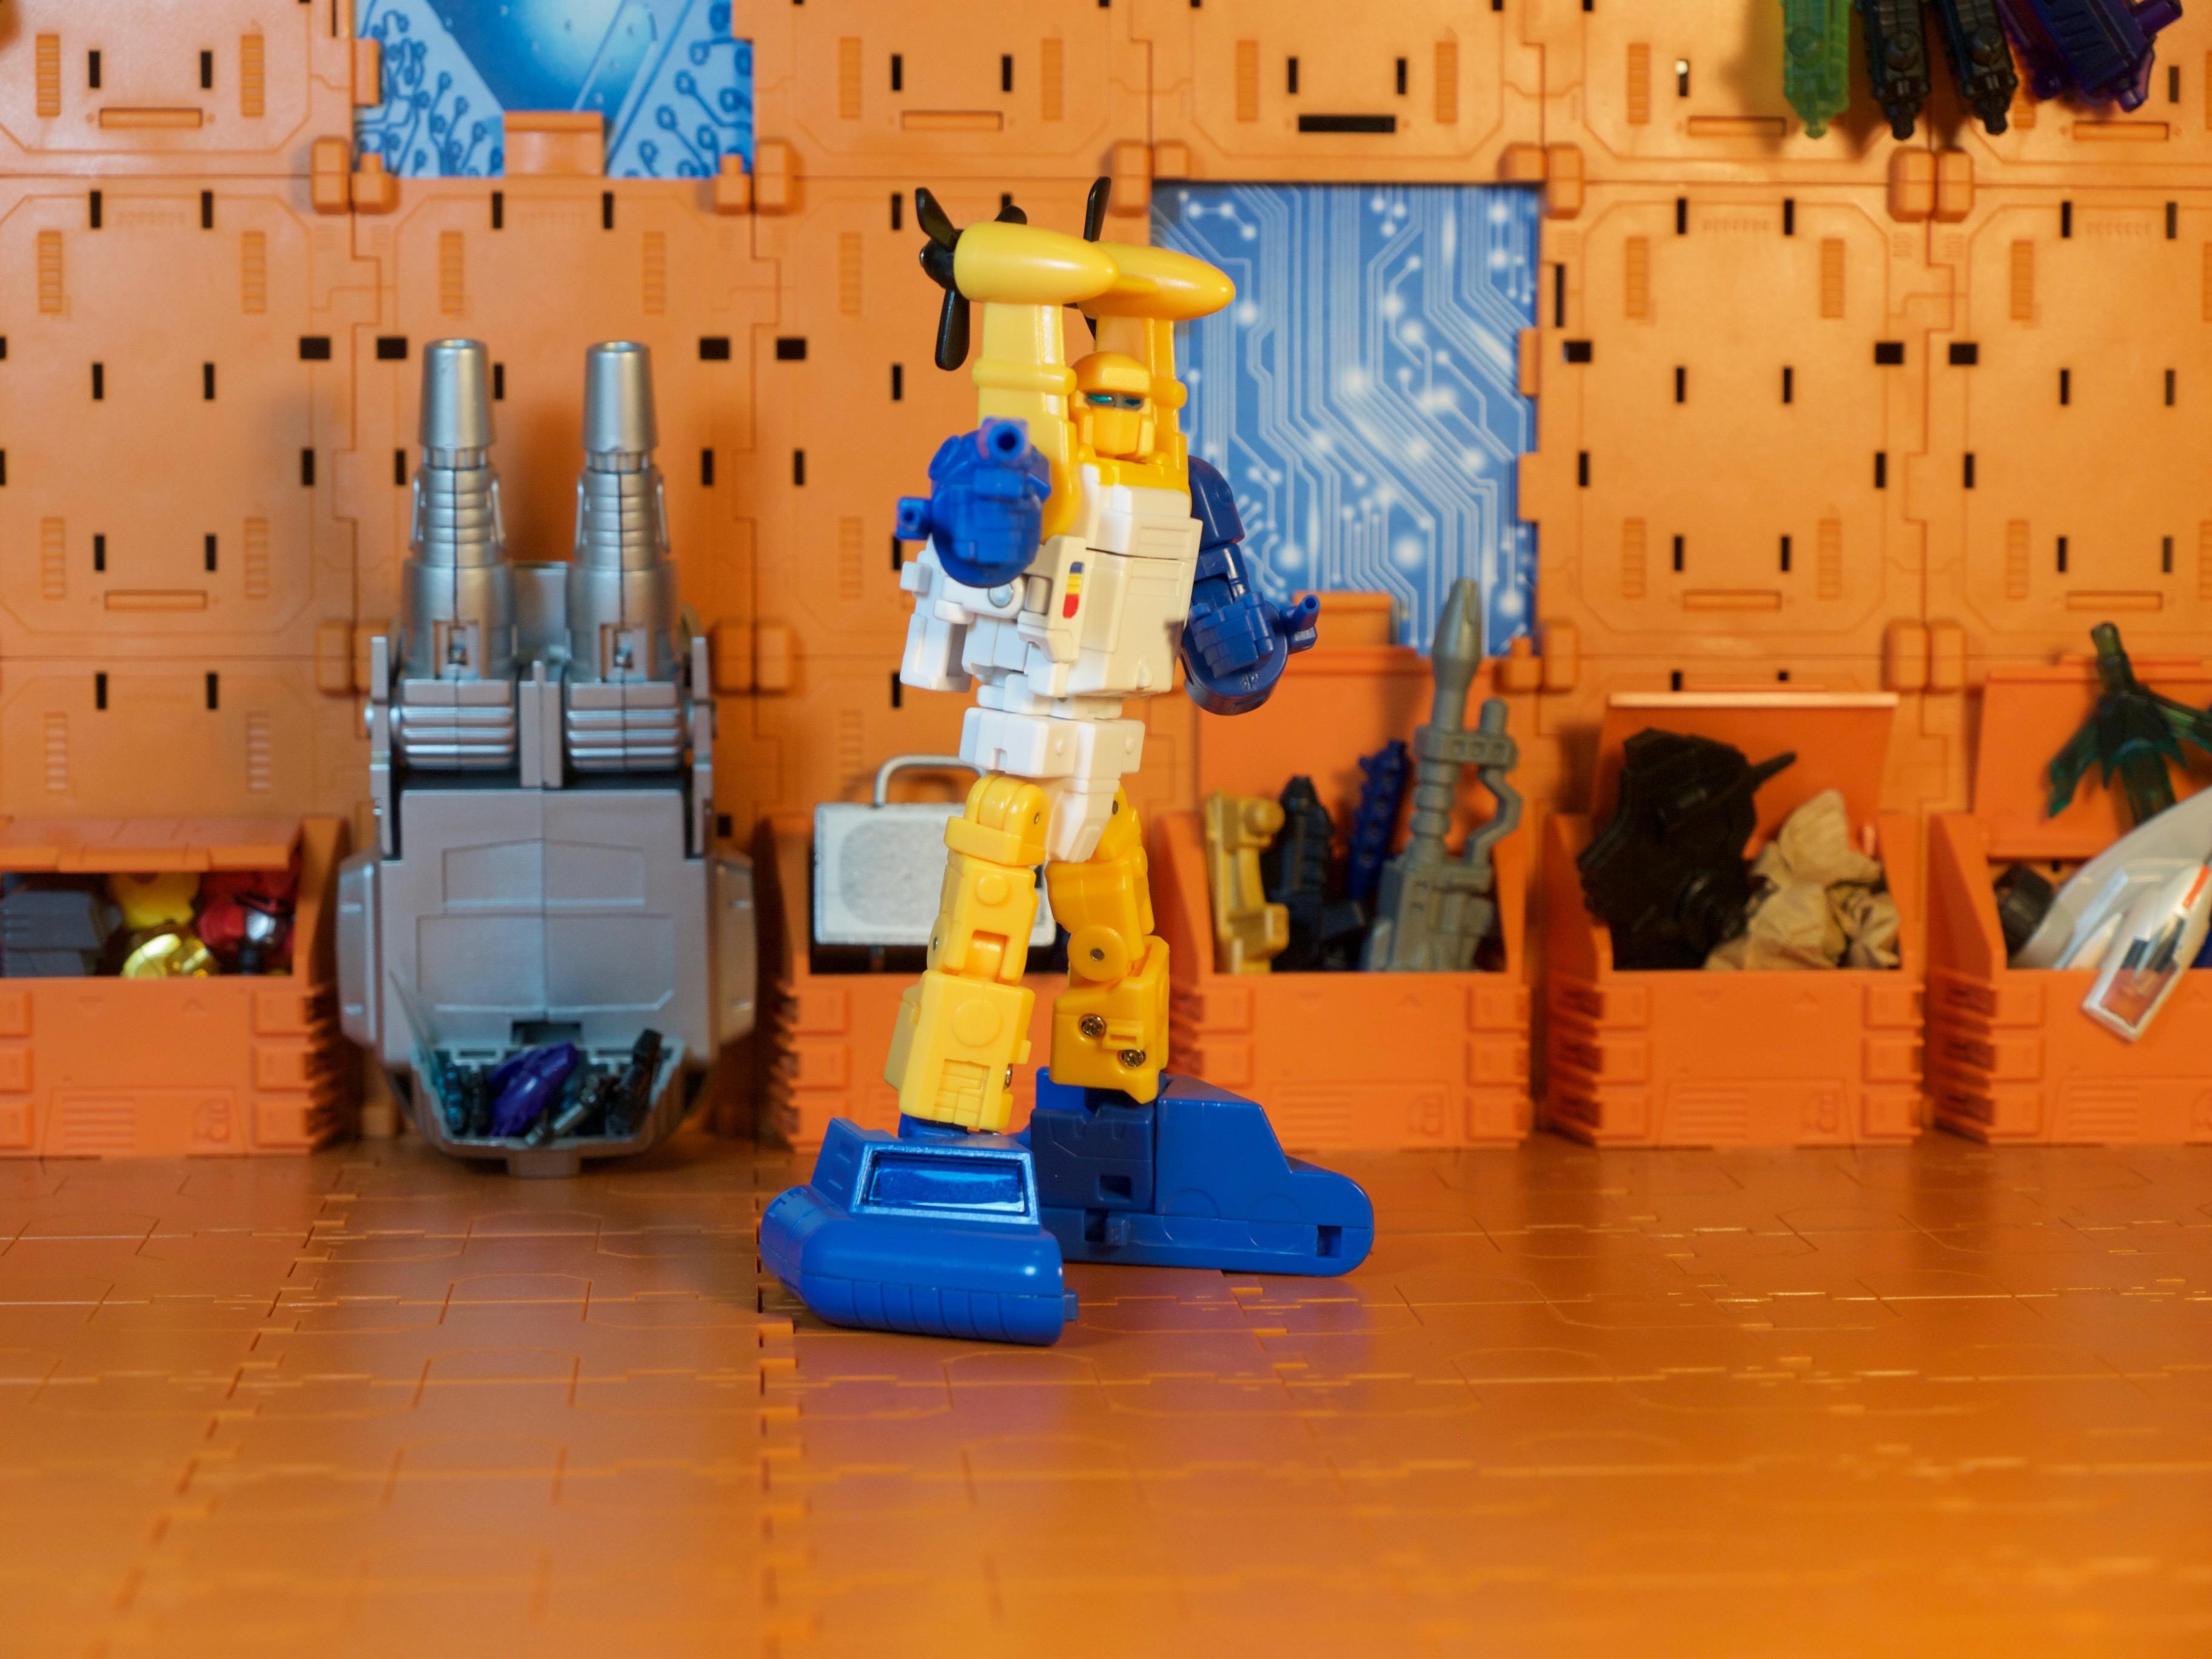 Spindrift robot armed